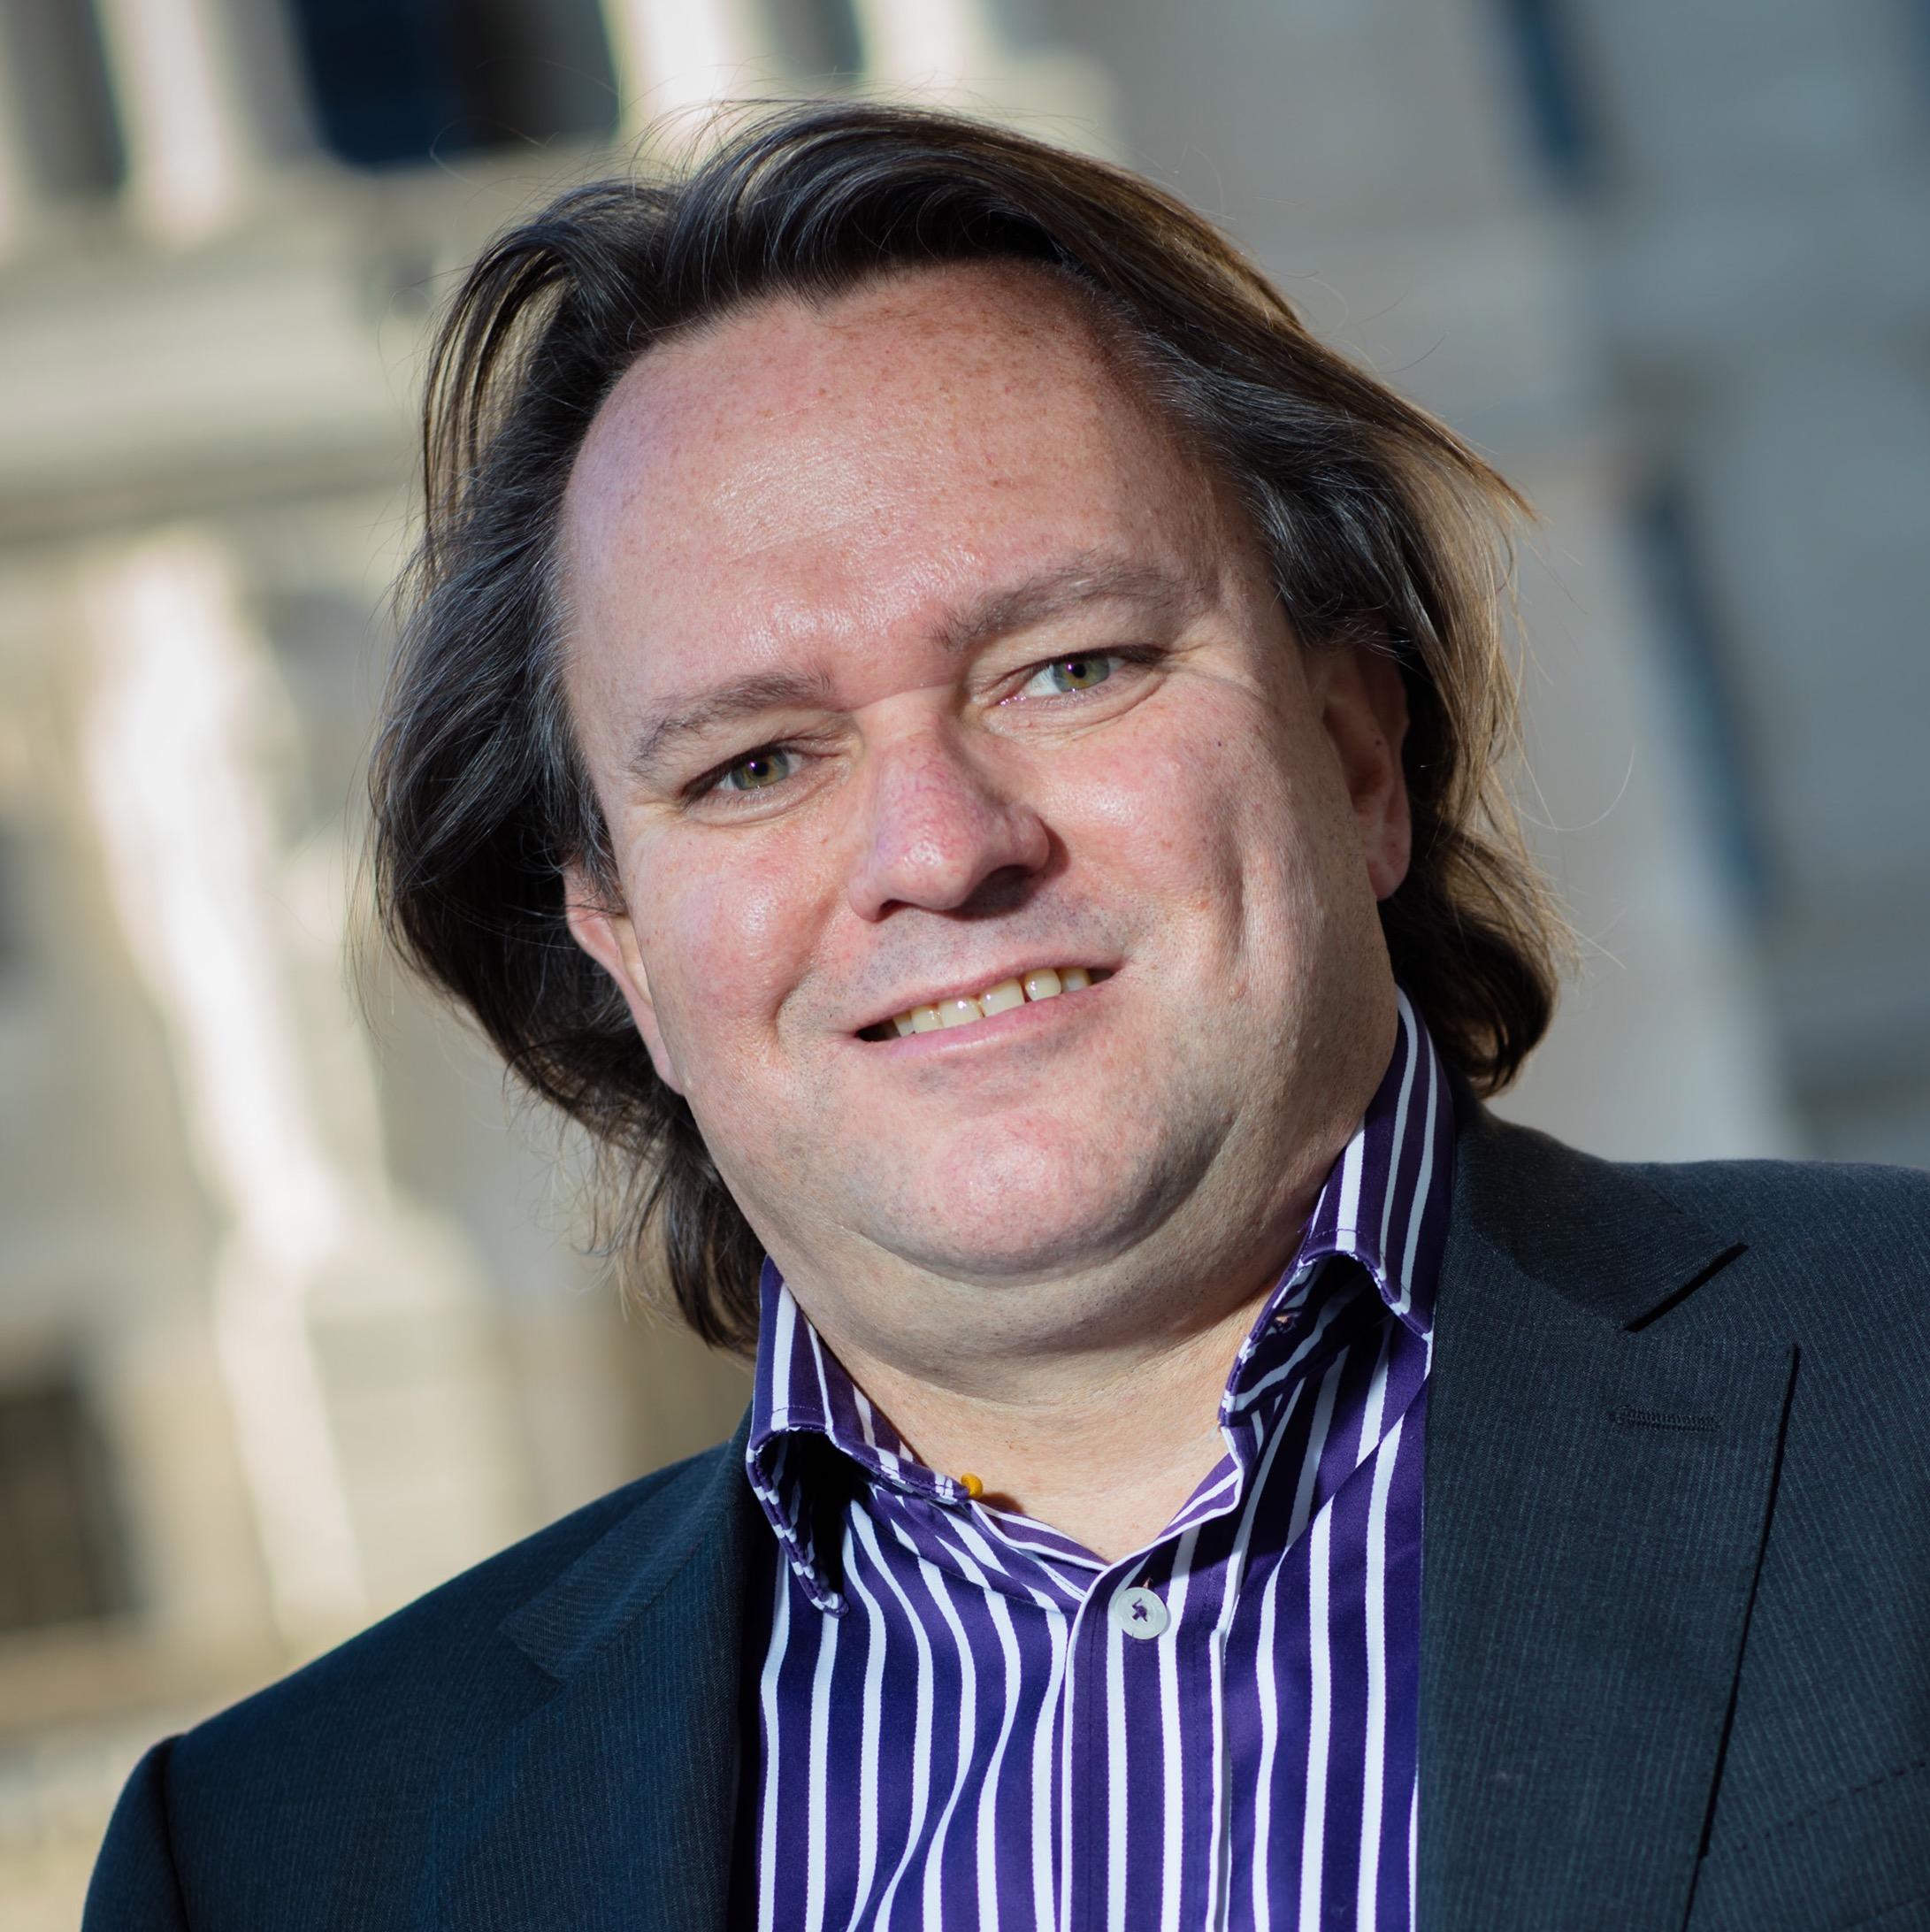 Dean Van Leeuwen